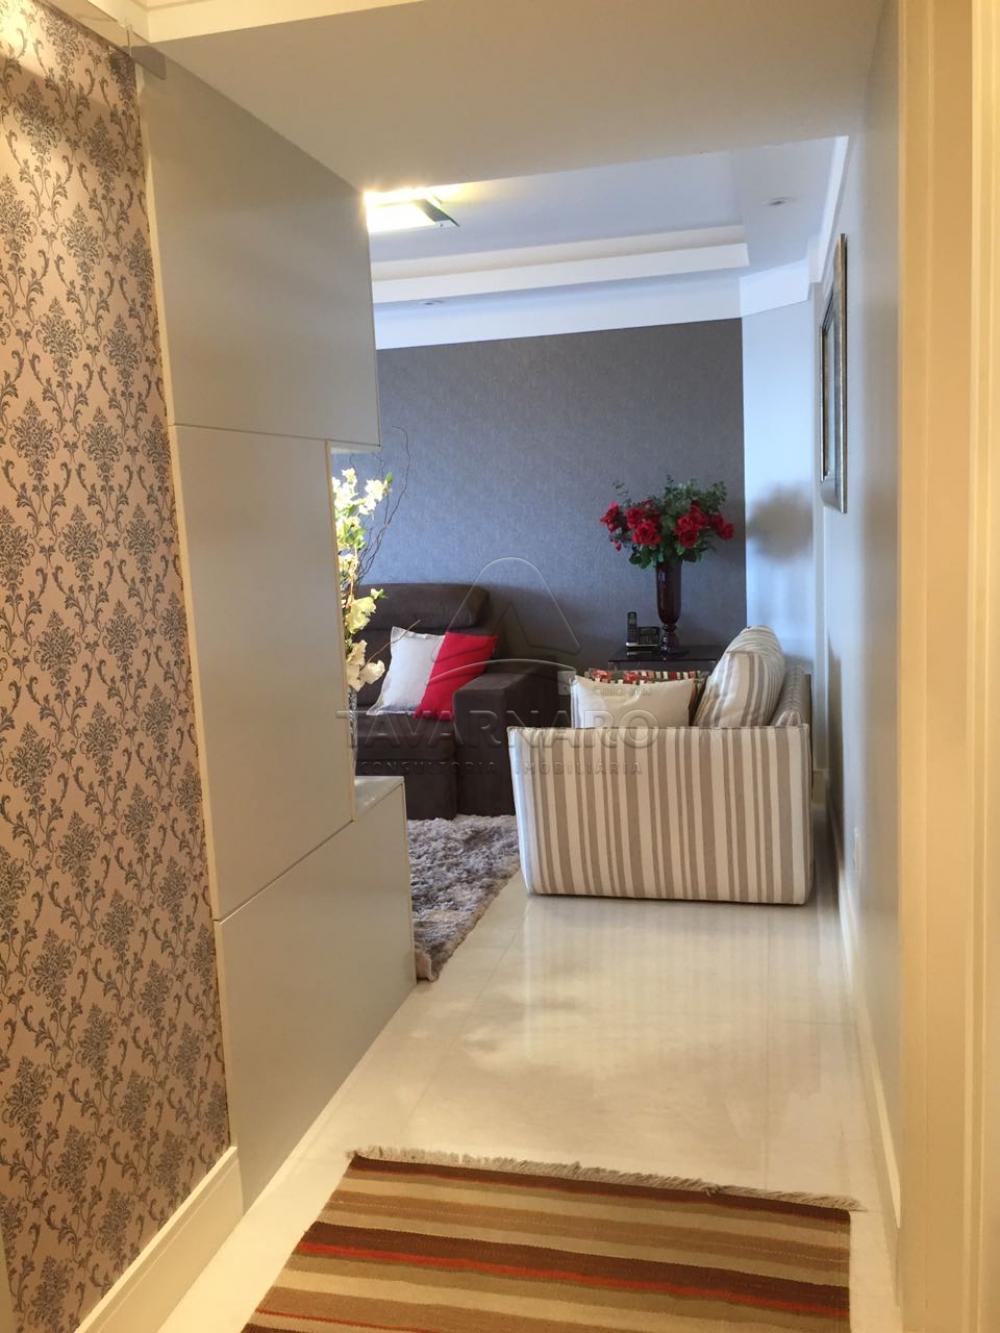 Comprar Apartamento / Padrão em Ponta Grossa apenas R$ 795.000,00 - Foto 27